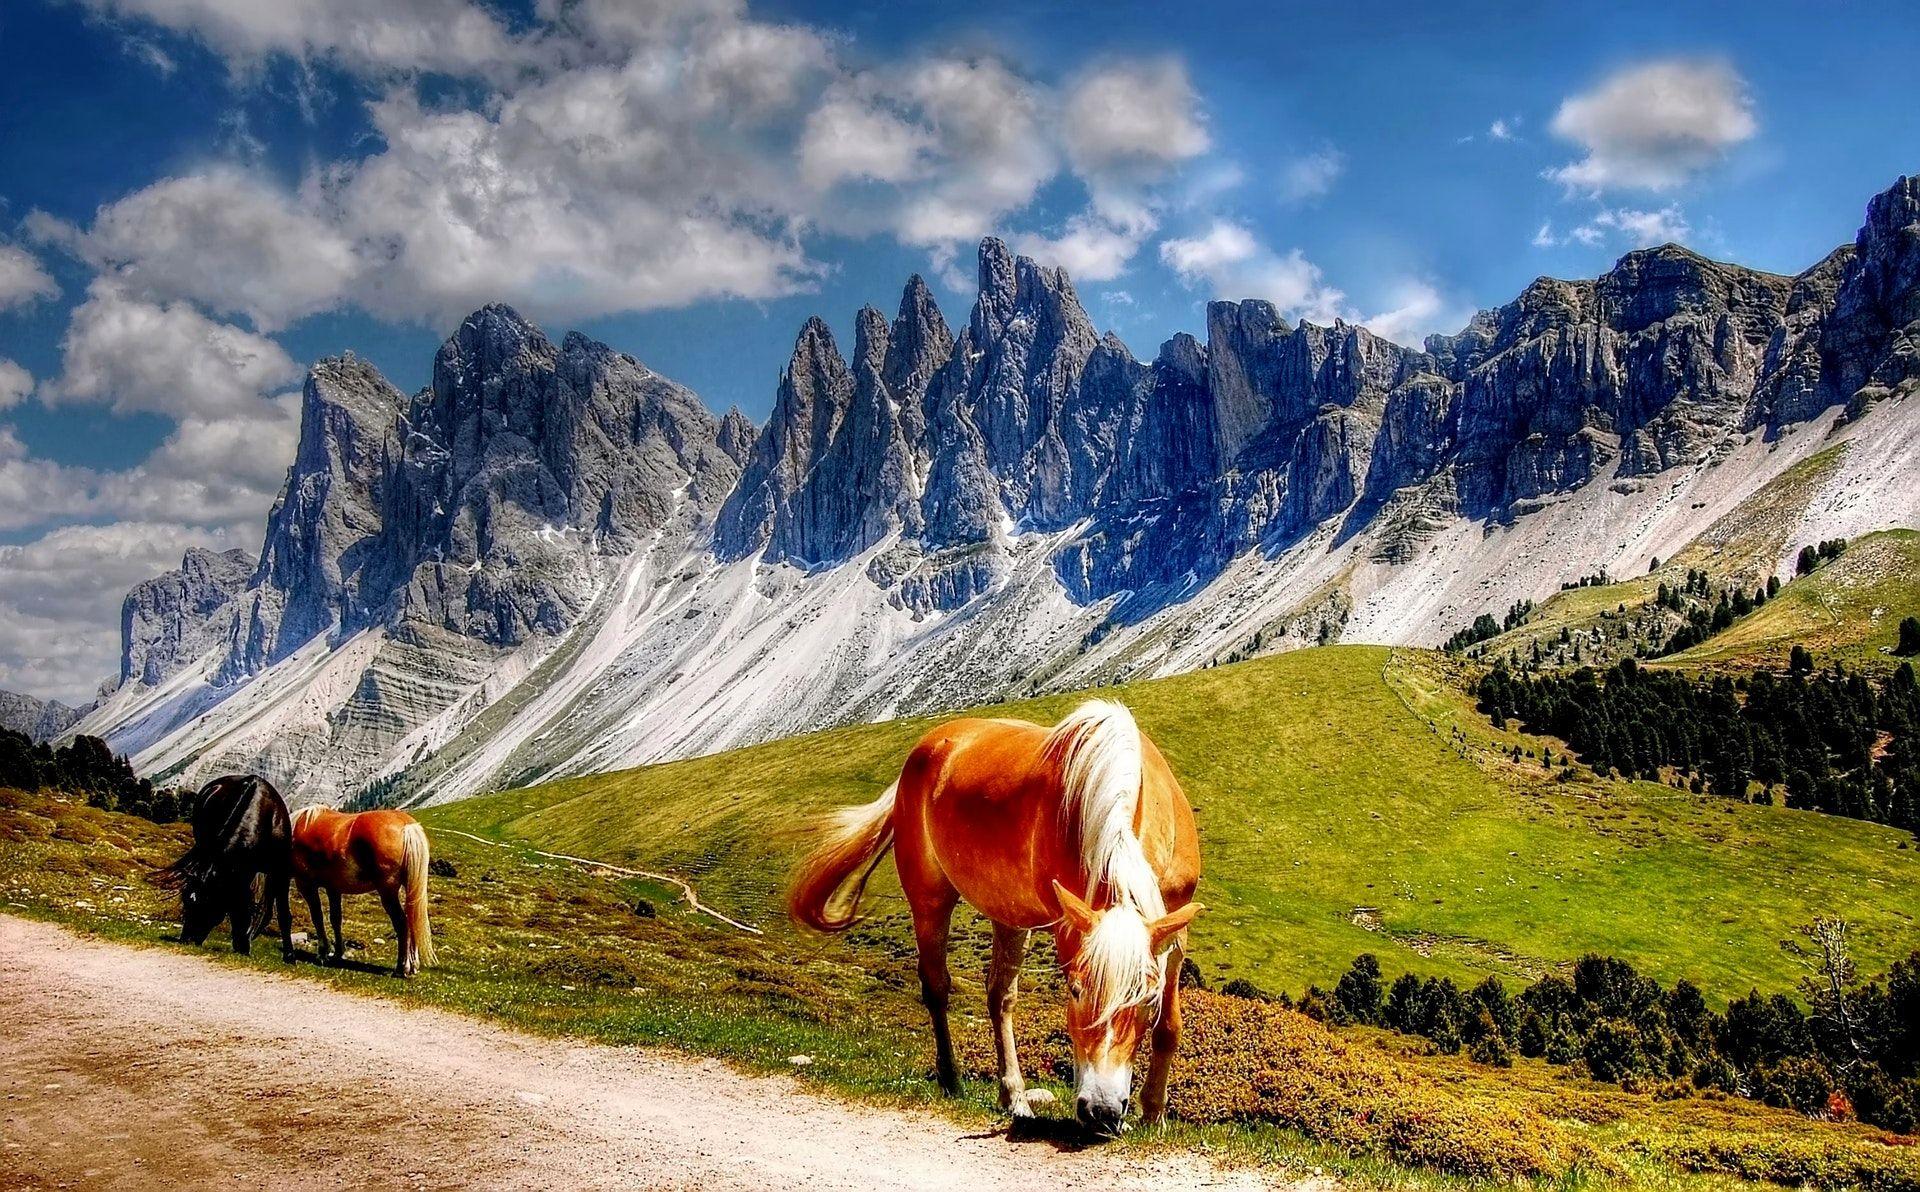 عکس زمینه اسب در طبیعت بکر پس زمینه